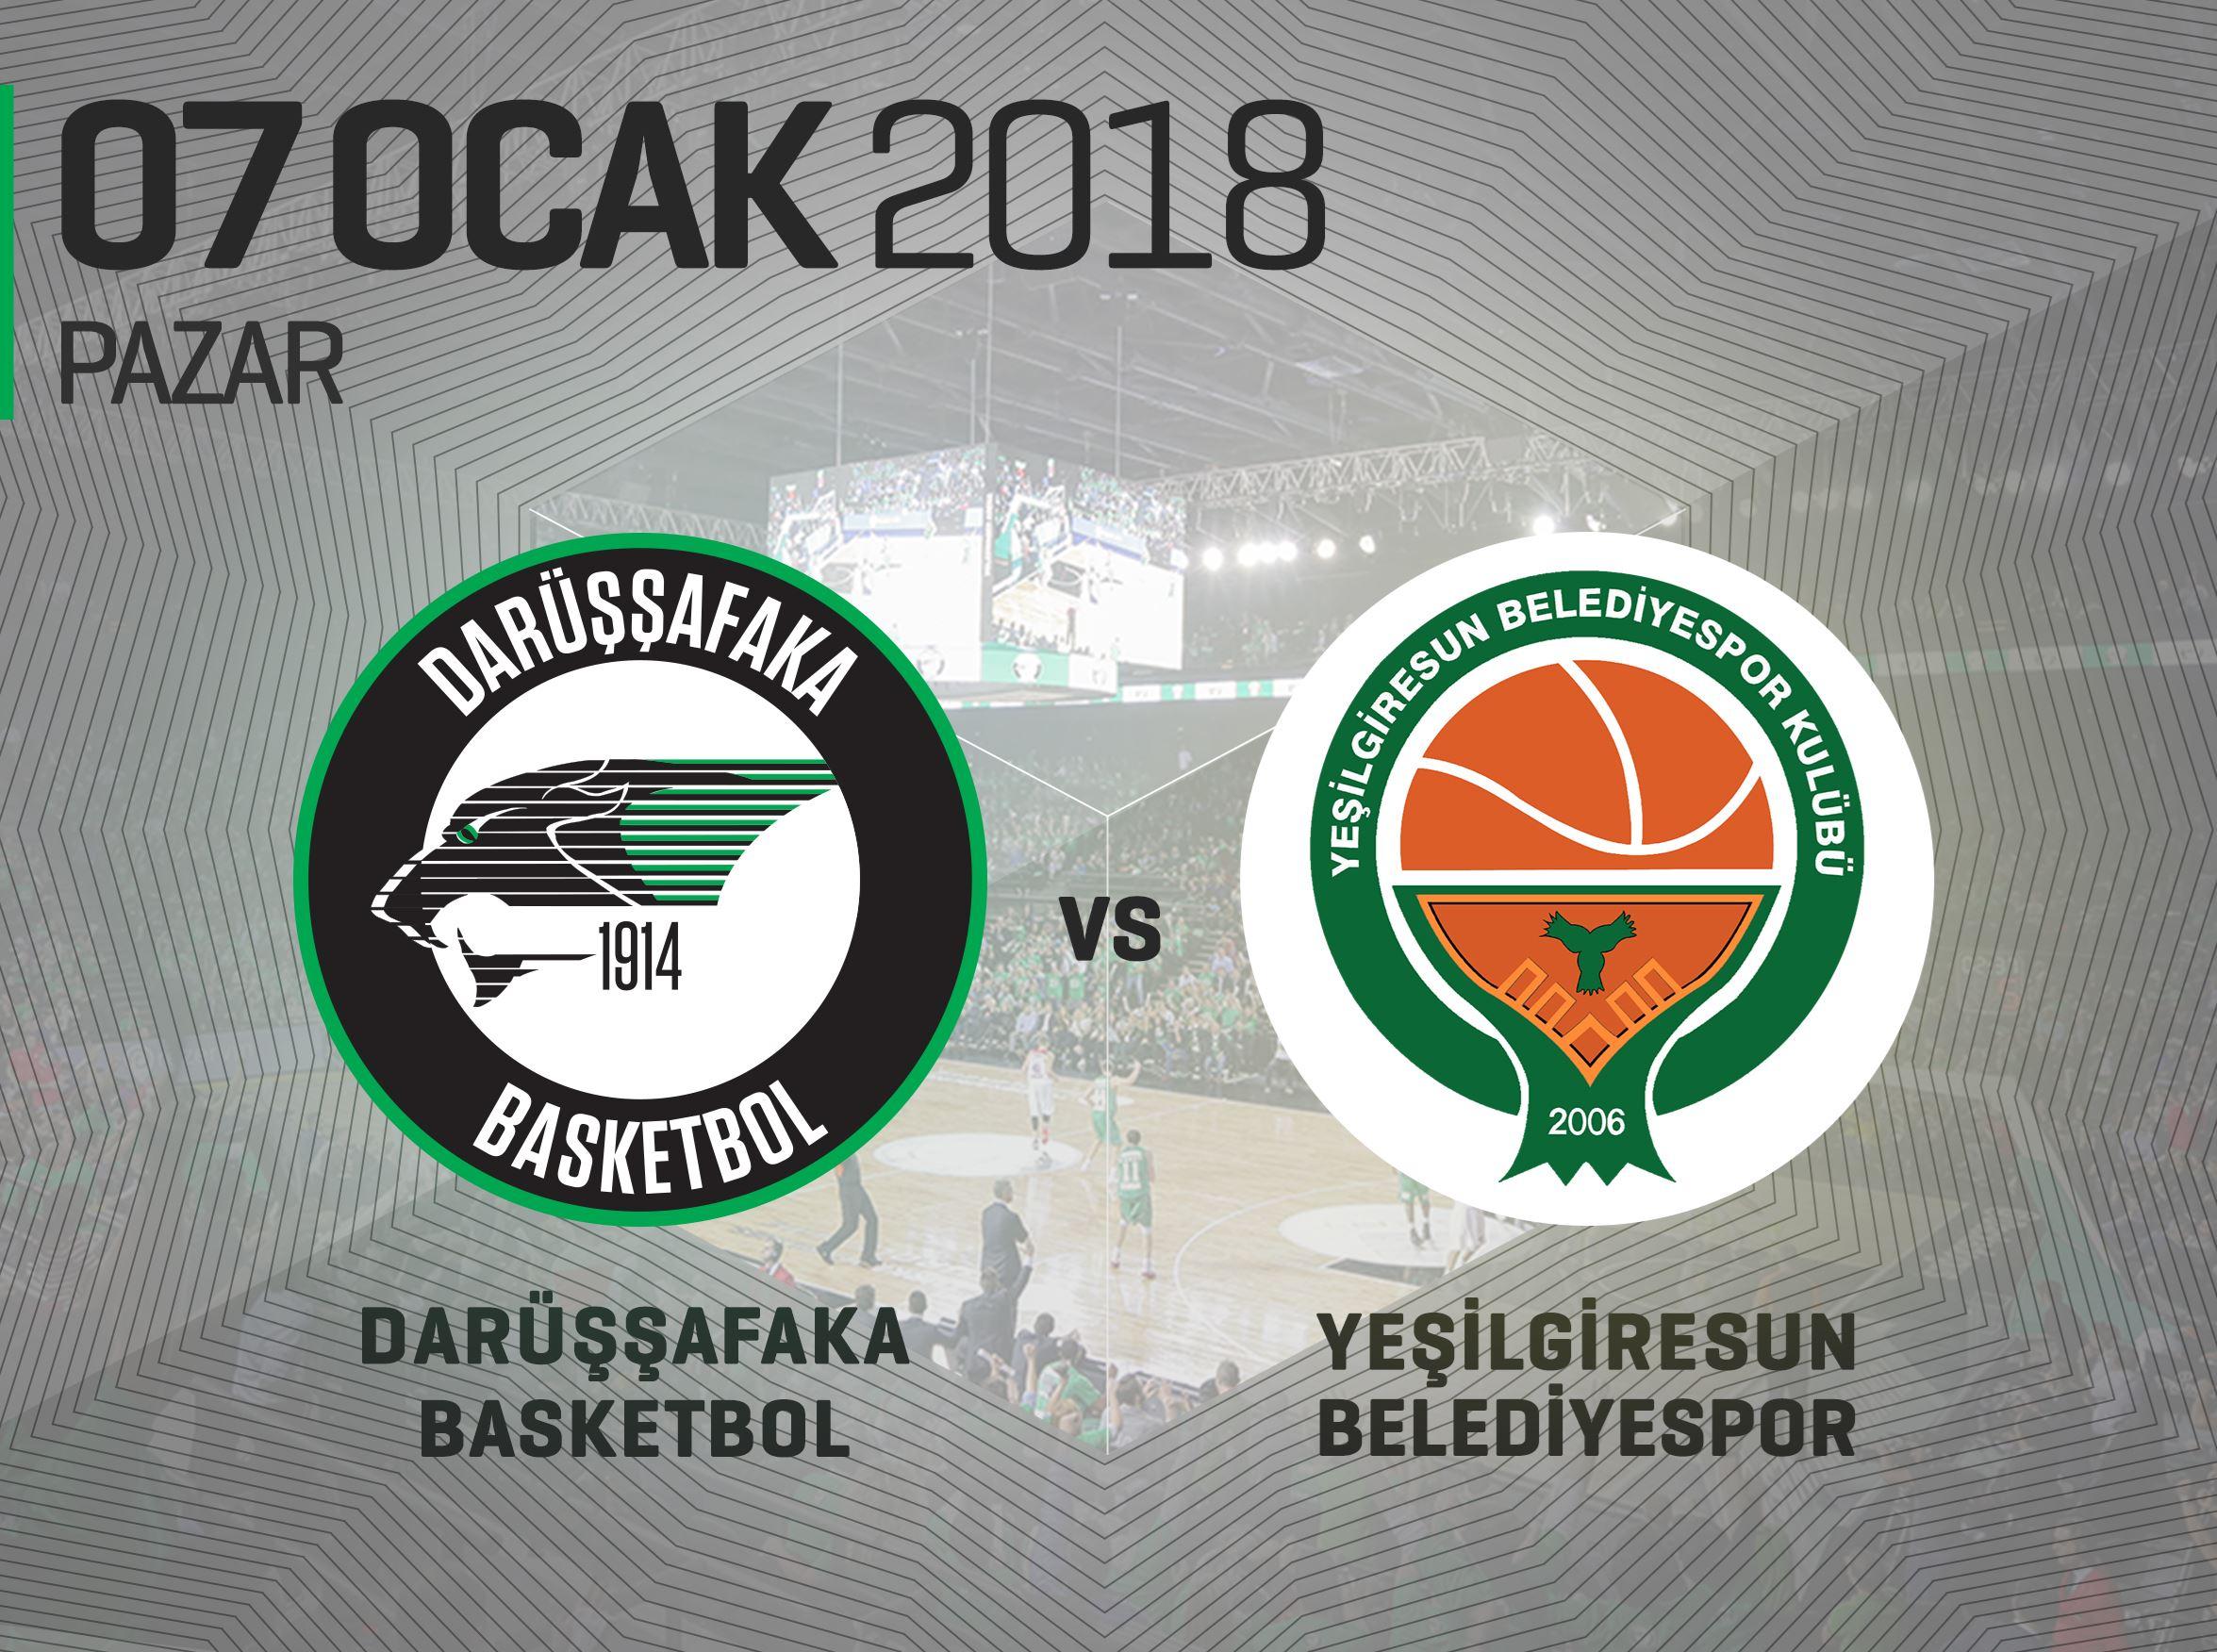 Darüşşafaka Basketbol – Yeşilgiresun Belediyespor